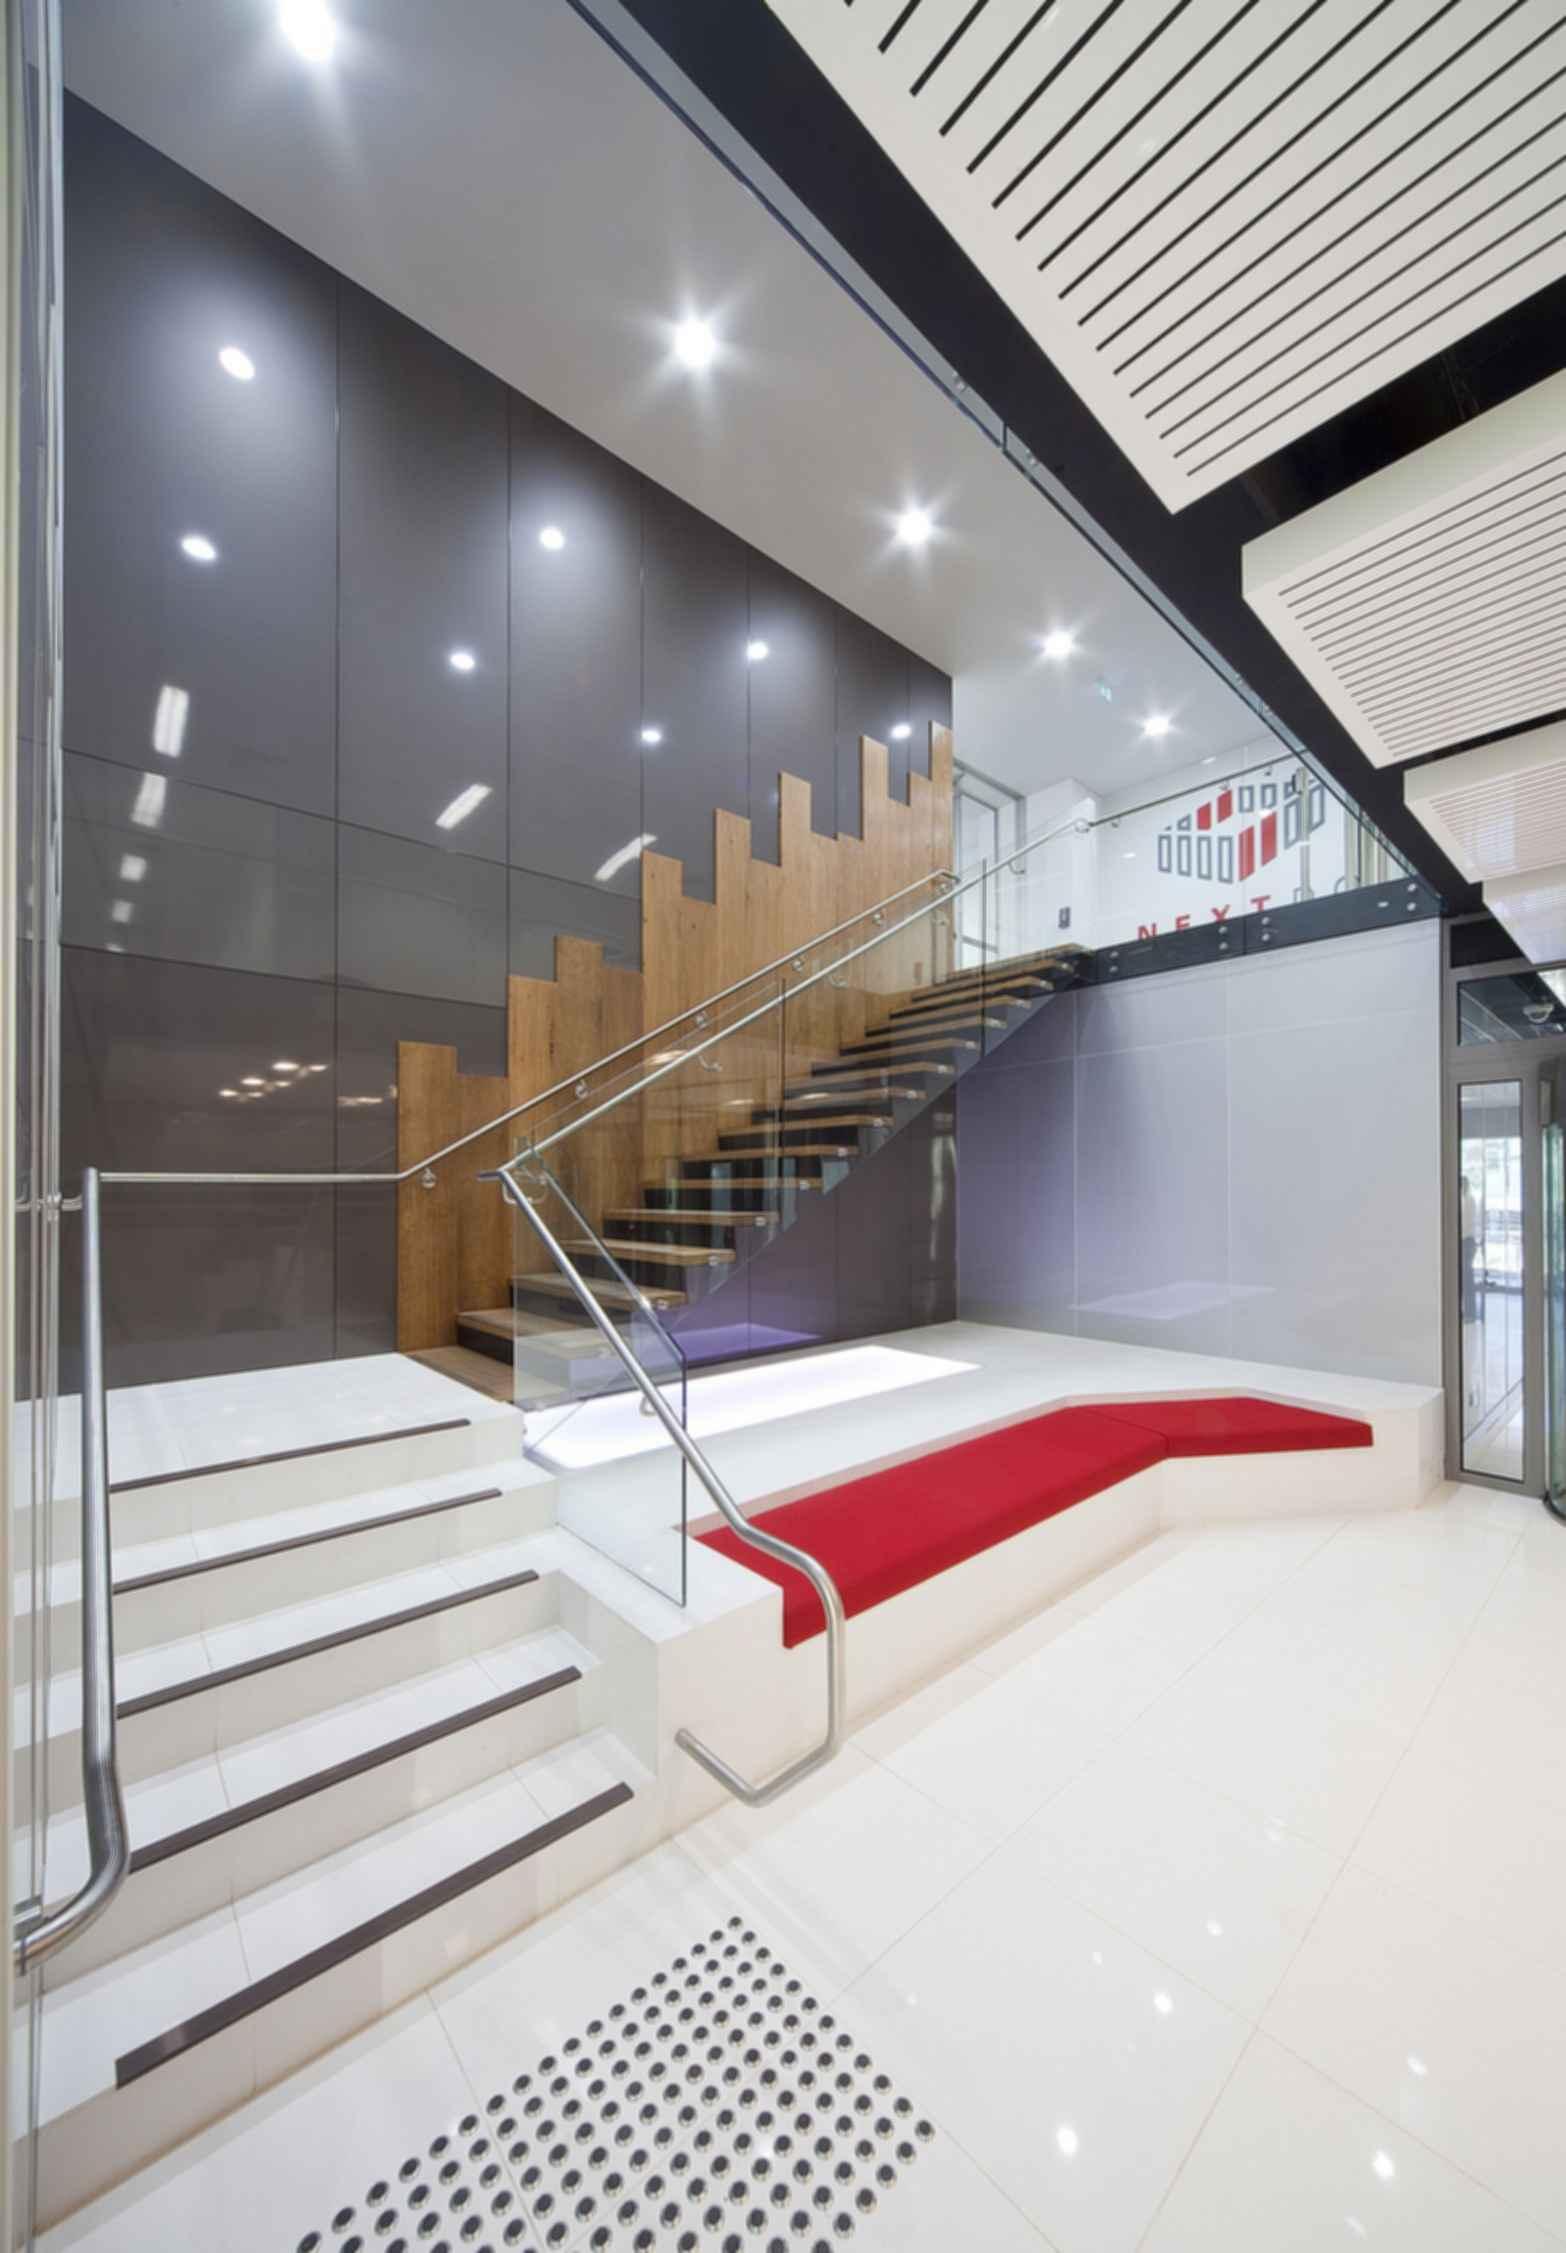 NEXTDC S1 Data Centre - Stairs